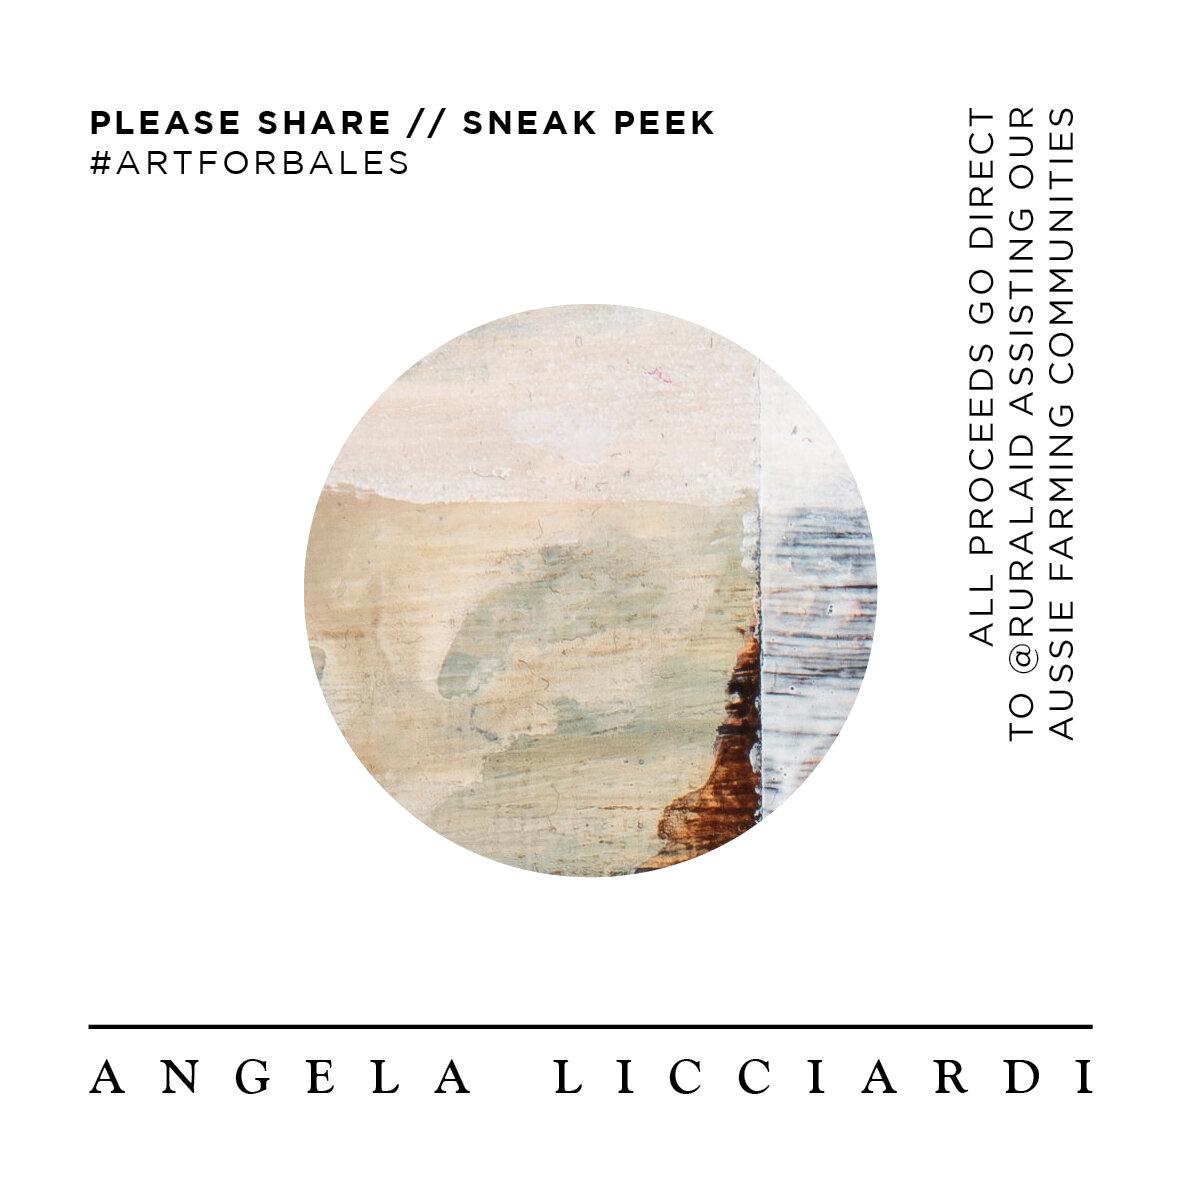 AngelaLicciardi_ArtForBales_DonationSneakPeak10.jpg